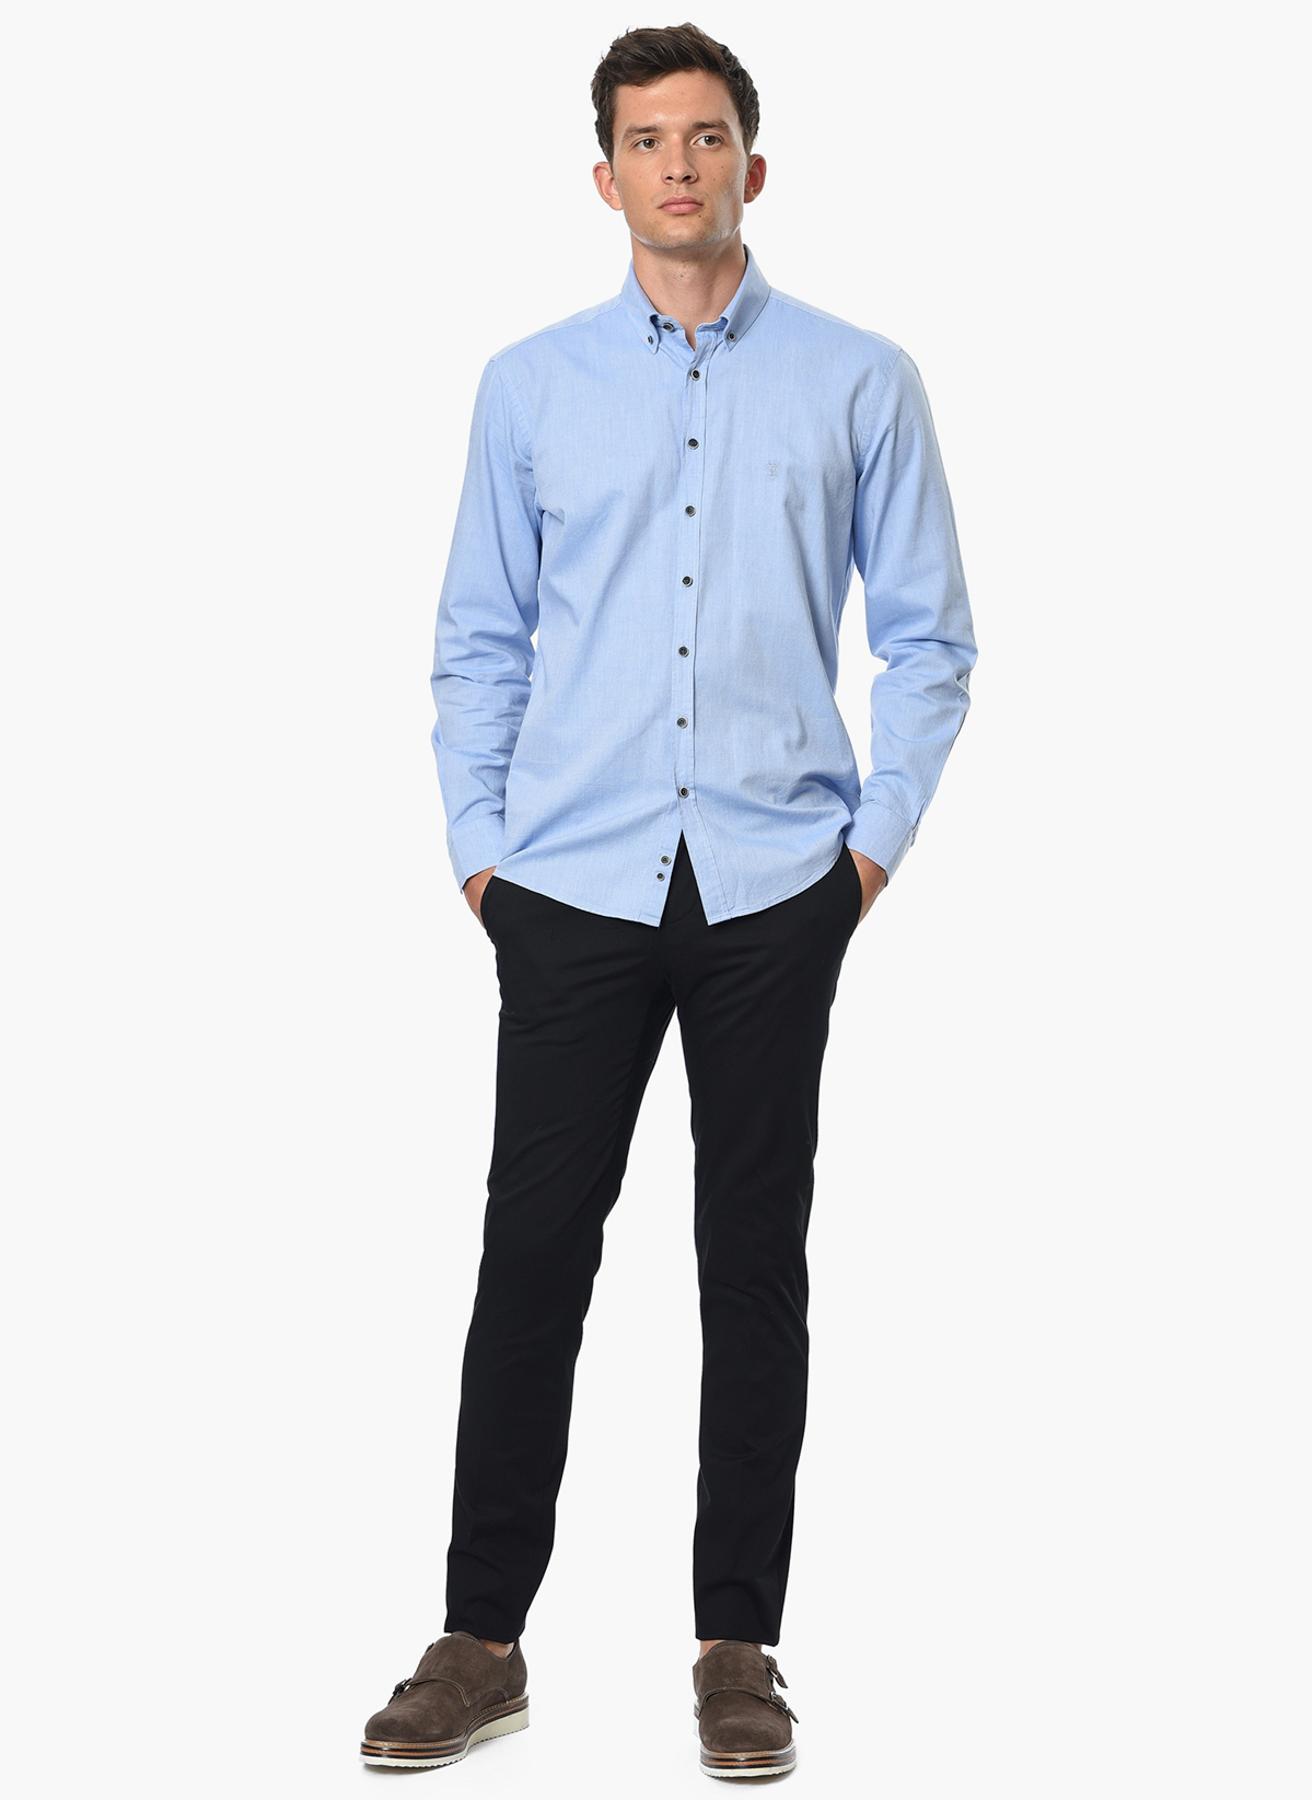 George Hogg Modern Fit Mavi Gömlek 43 5001699211005 Ürün Resmi